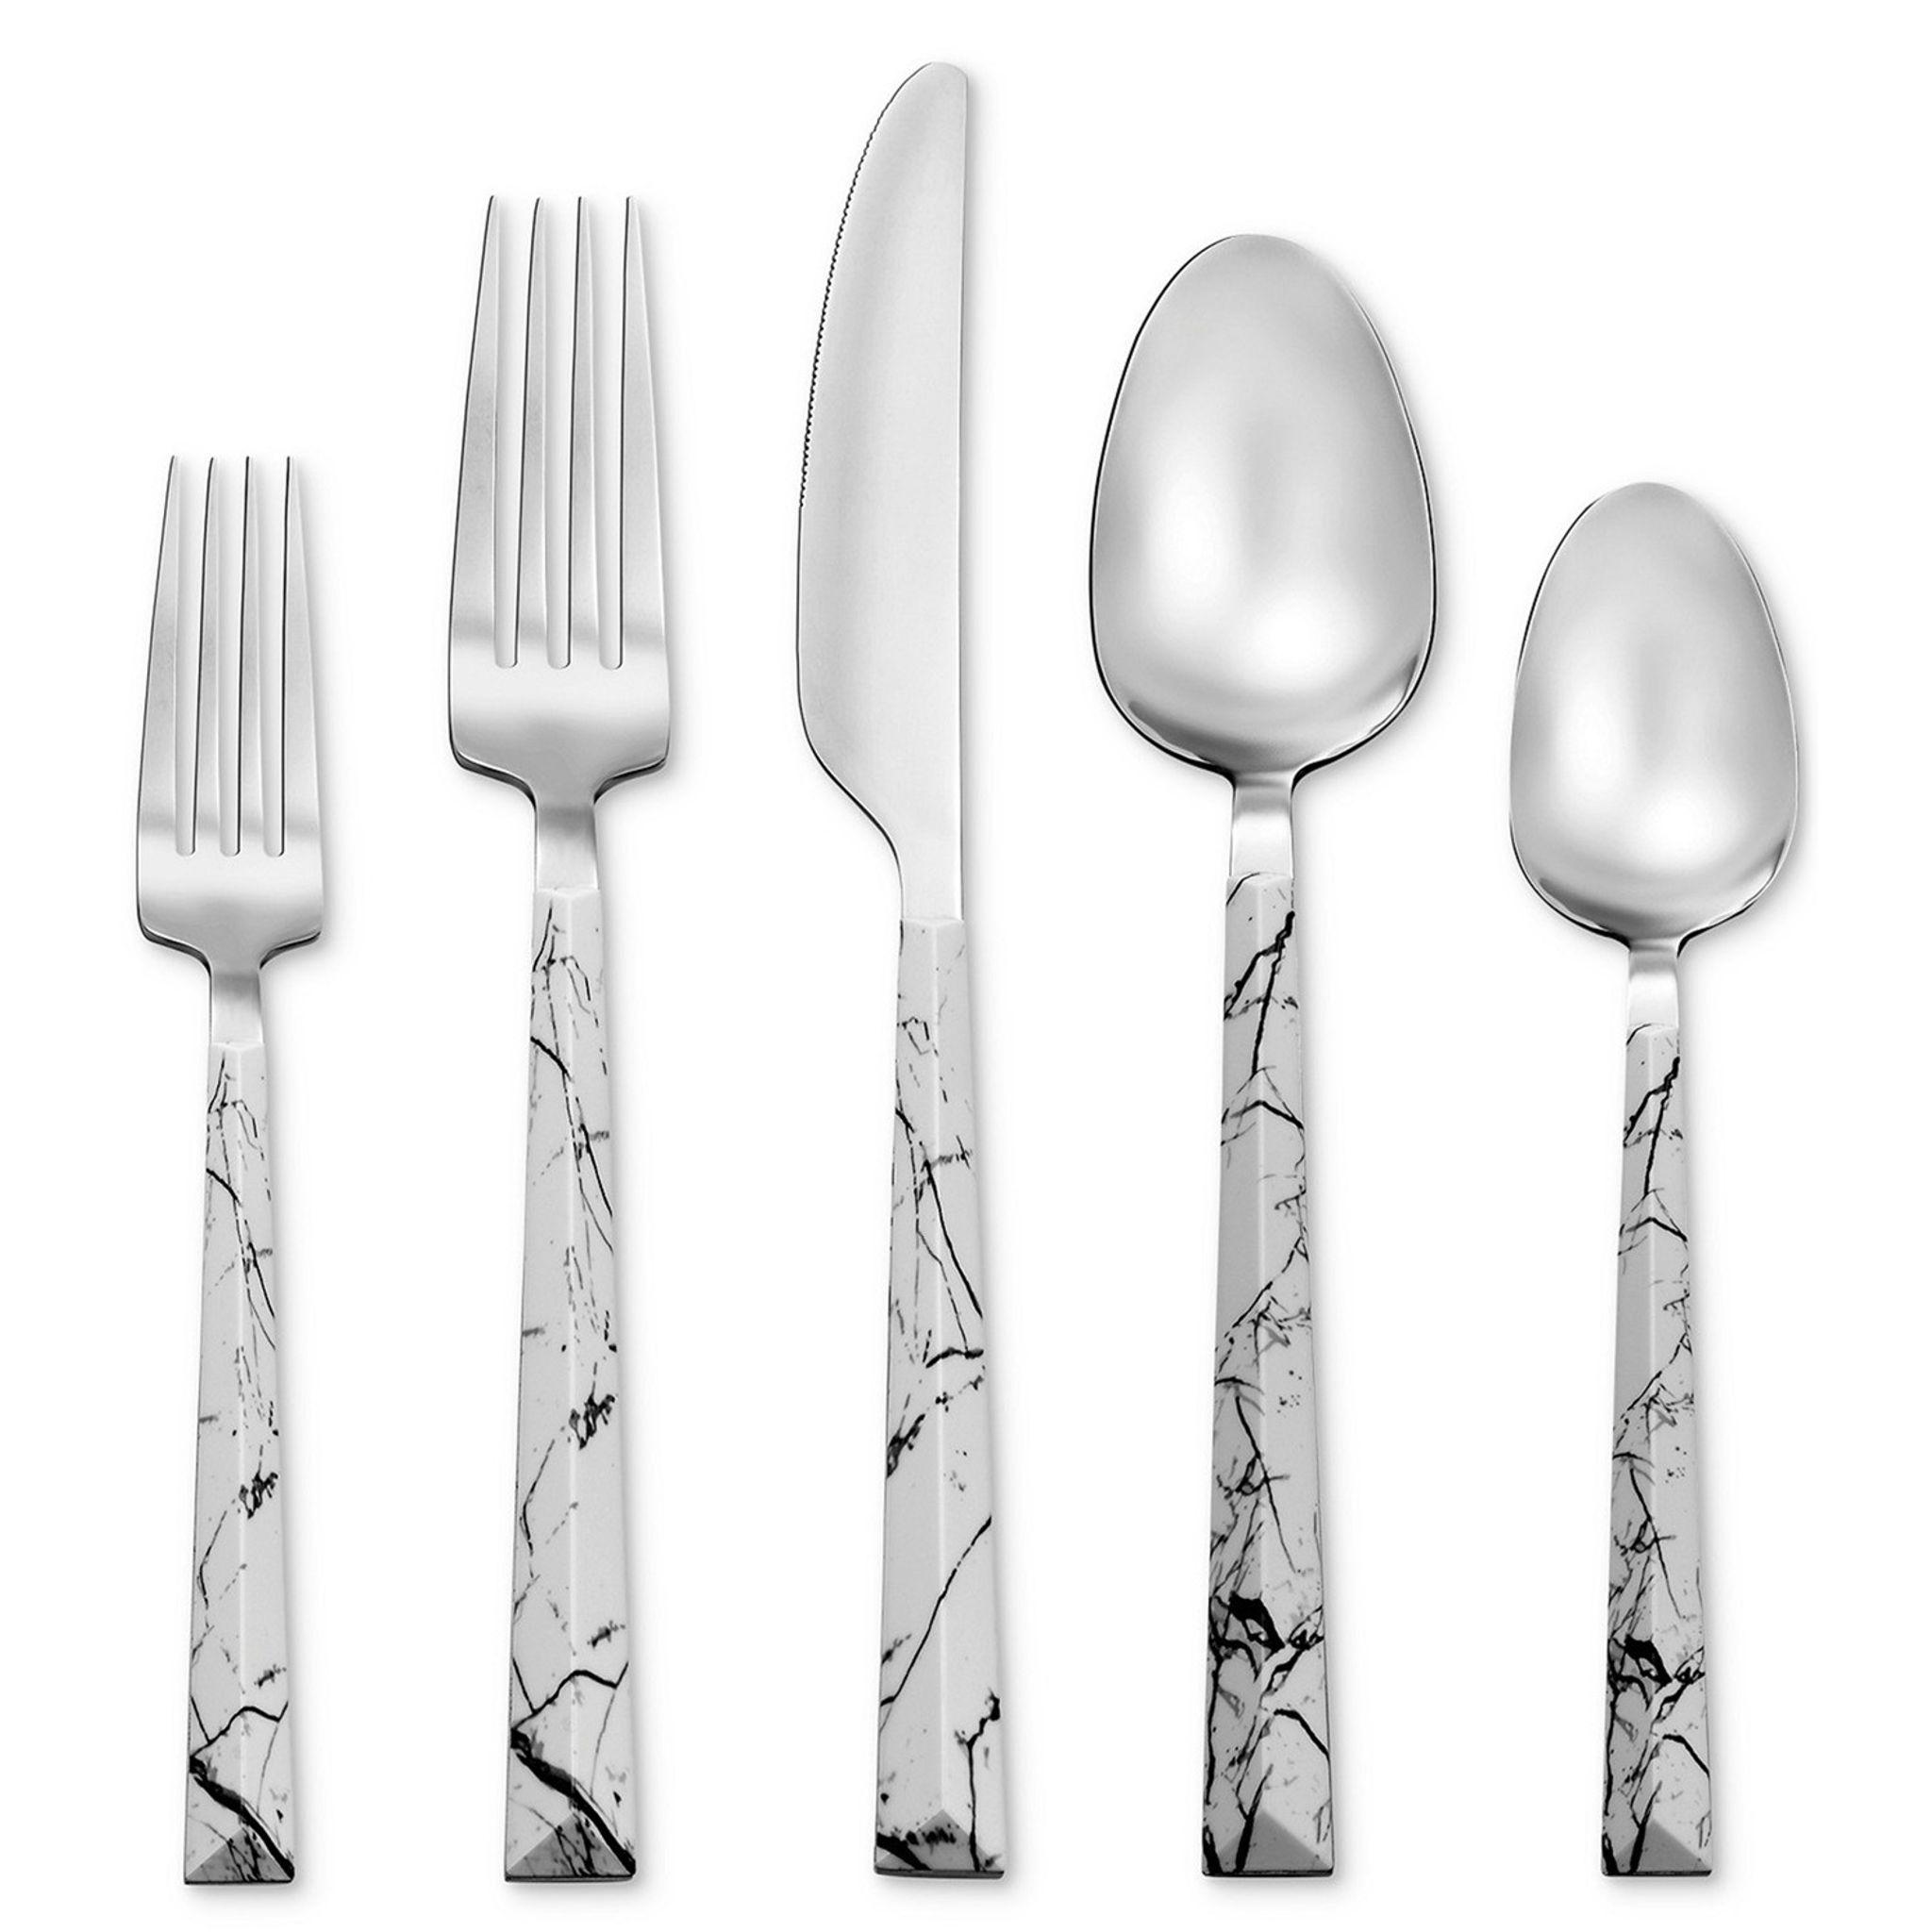 Dali White Marble 20-piece Flatware Set, Service for 4